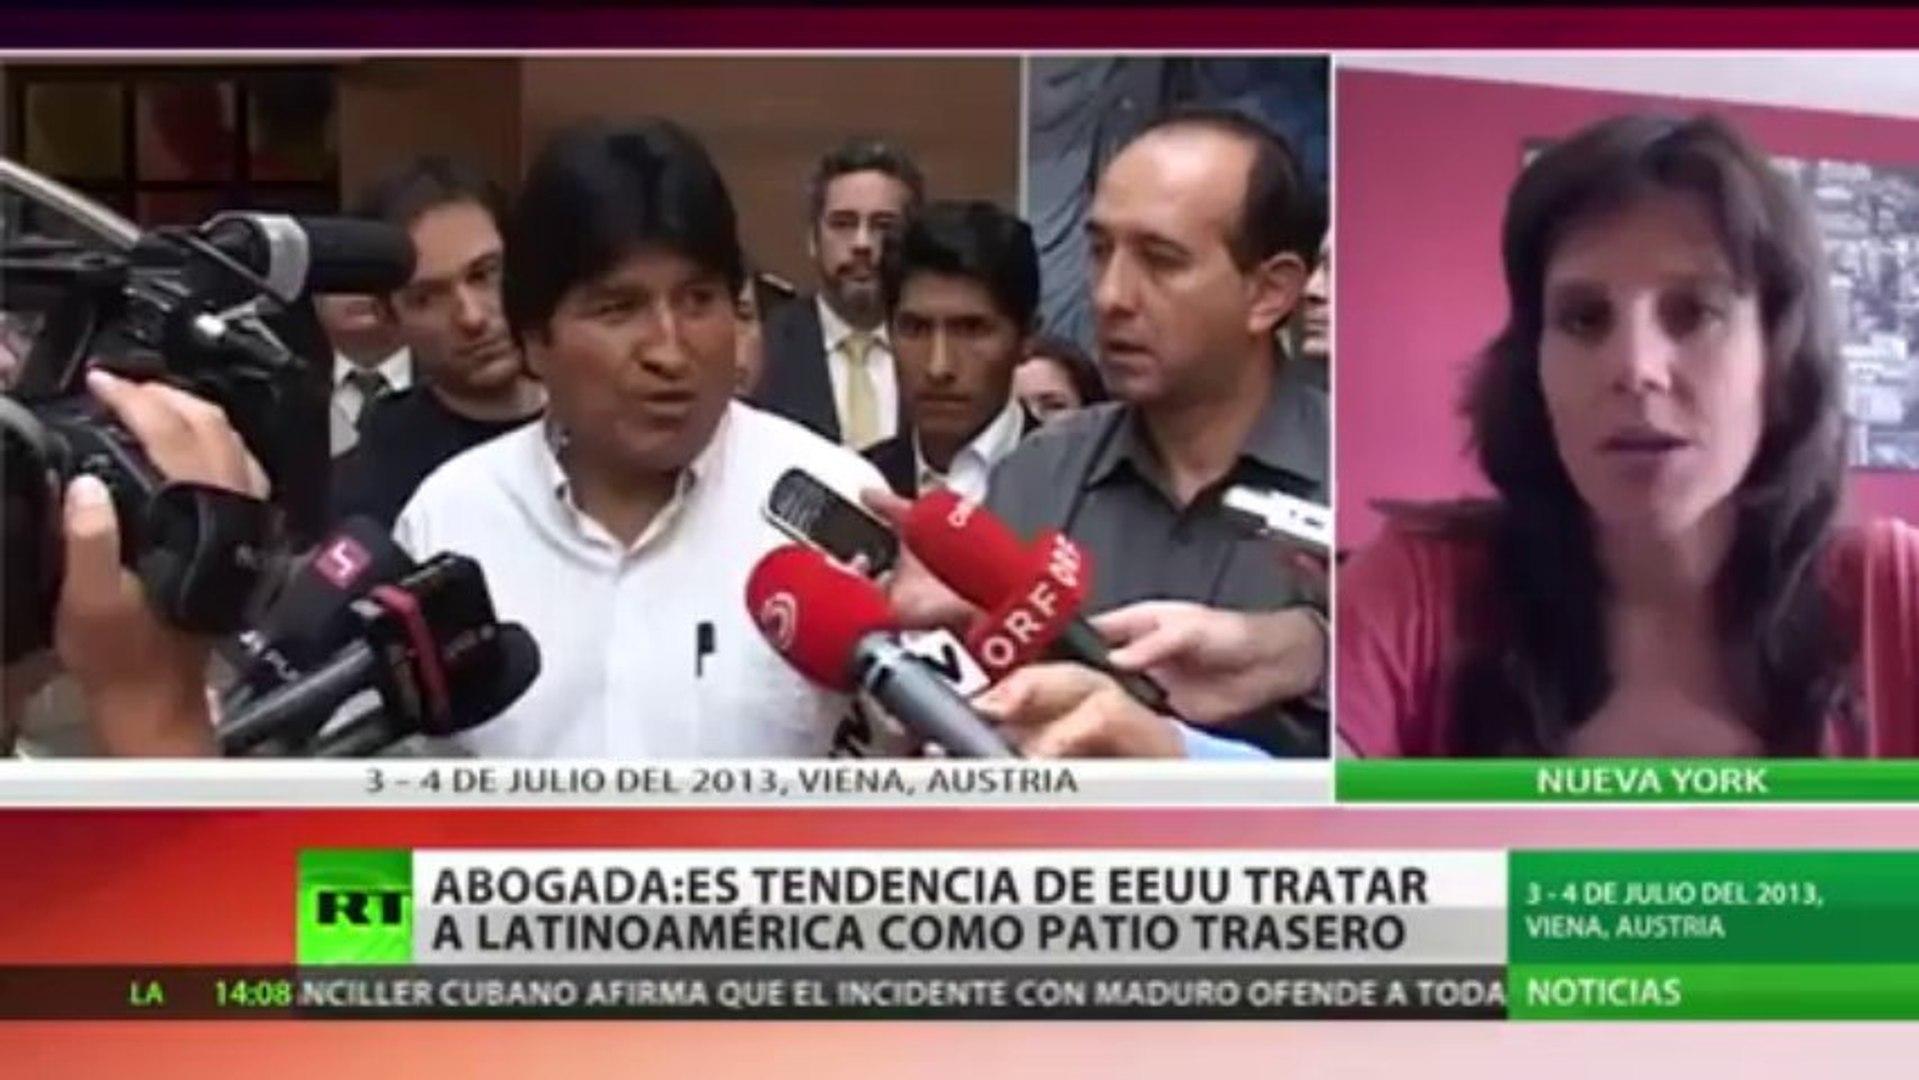 (Vídeo) Eva Golinger   EE.UU. aún intenta tratar a América Latina como su patio trasero